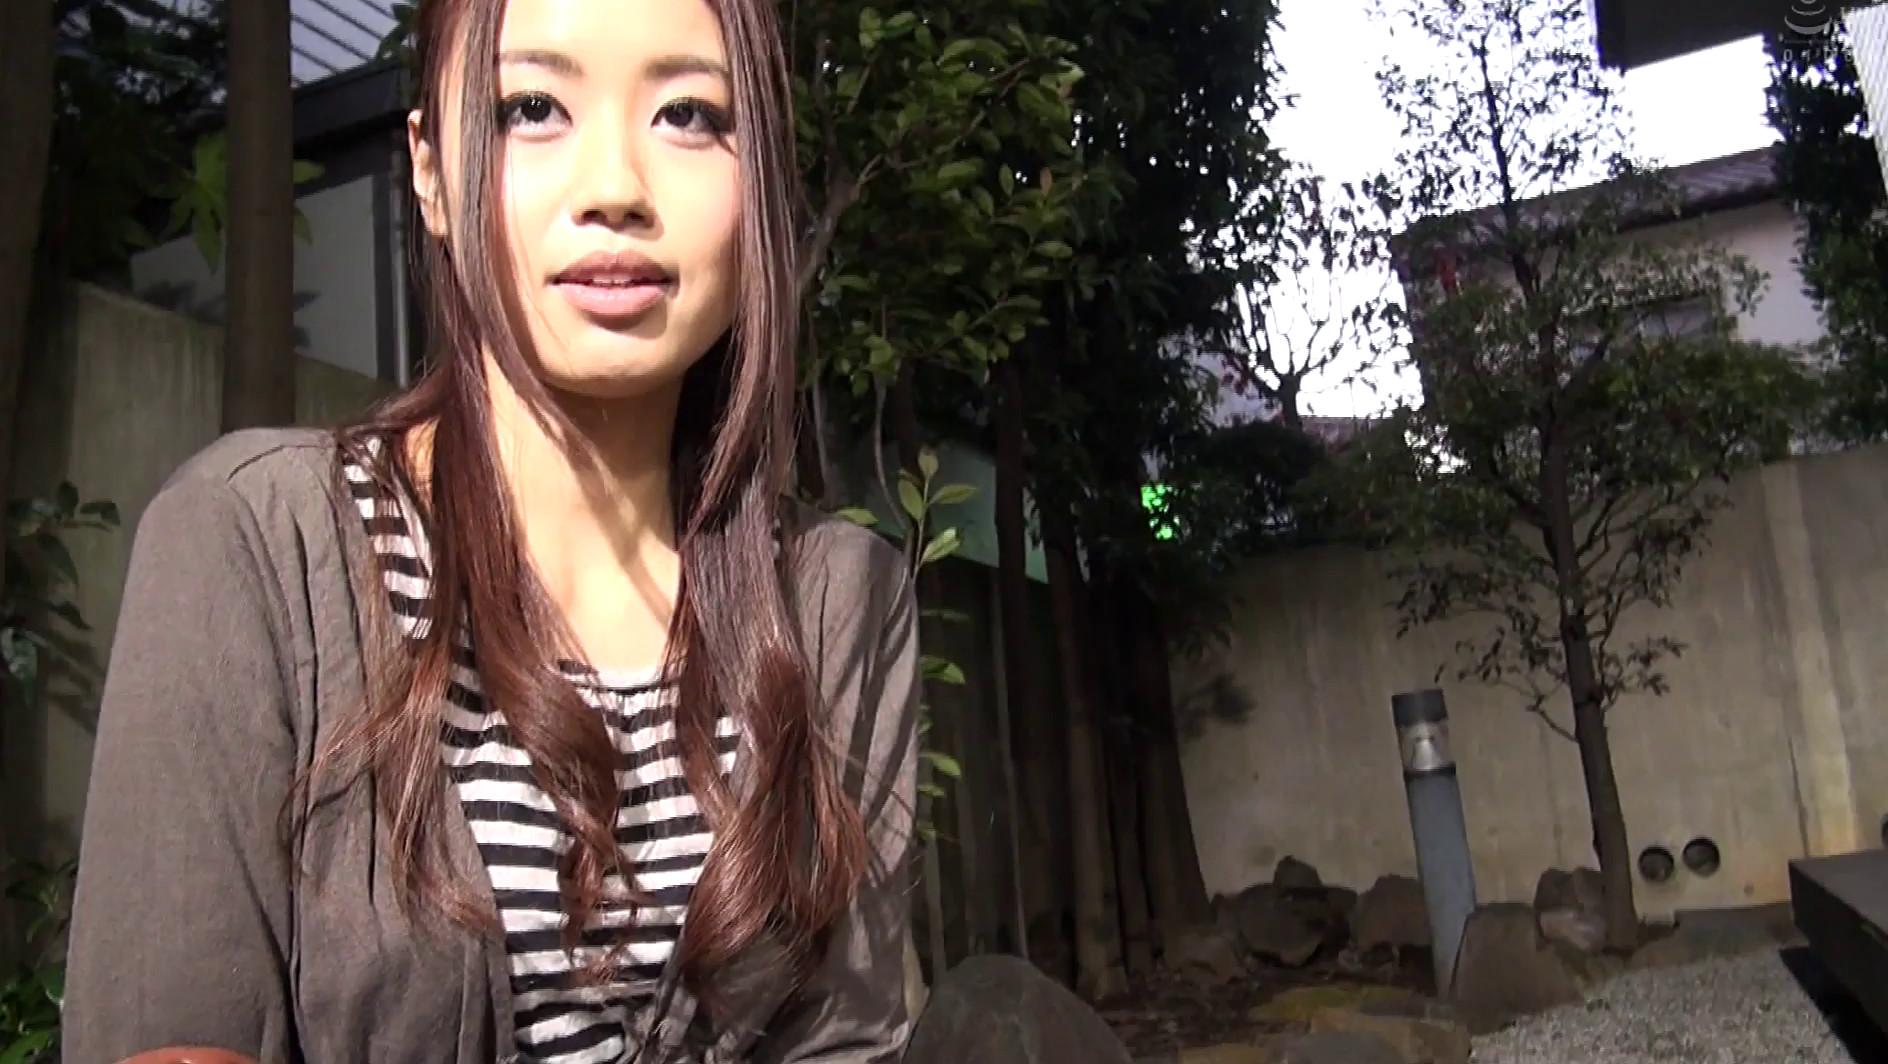 全国津々浦々 出会い系 本物素人図鑑 vol.2 ~巨乳妻編~ 画像1